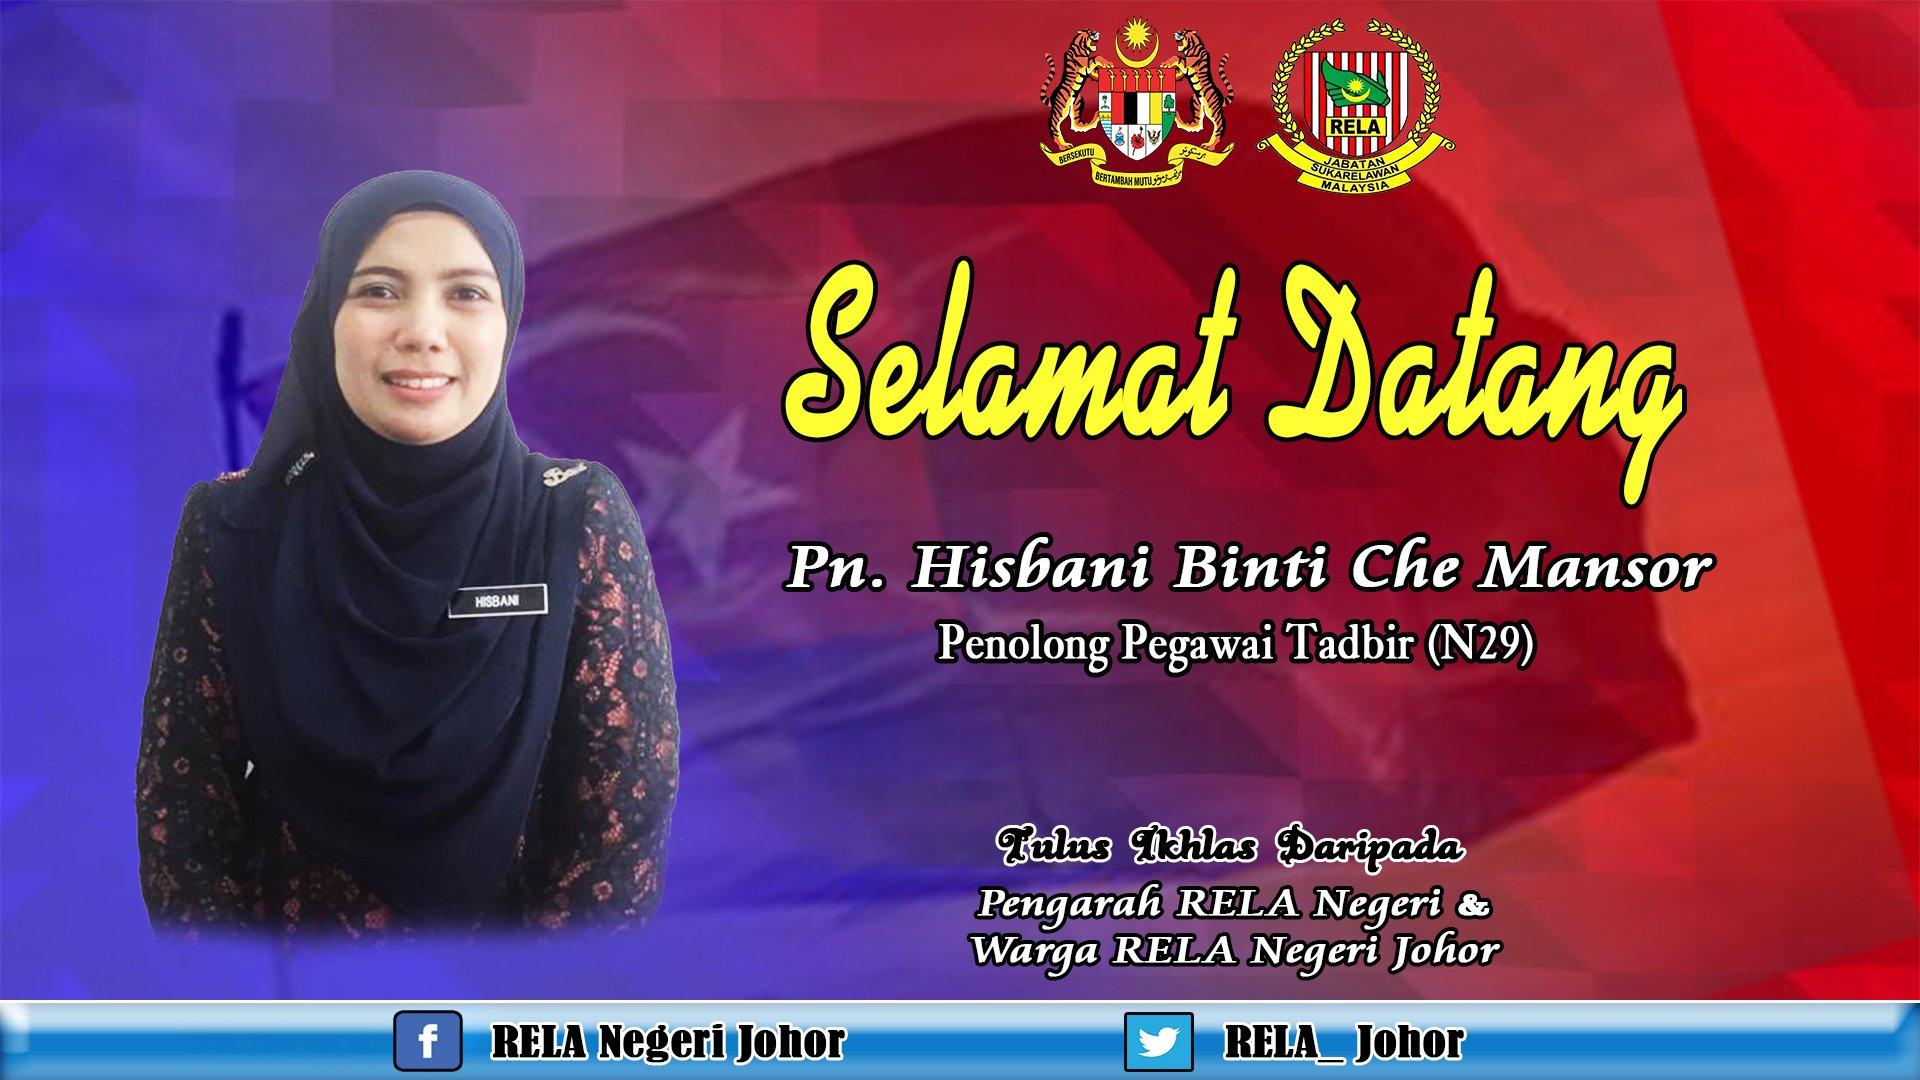 Rela Negeri Johor בטוויטר Selamat Datang Diucapkan Kepada Puan Hisbani Ke Rela Johor Sebagai Penolong Pegawai Tadbir N29 Yang Baru Selamat Menjalankan Tugas Di Pejabat Rela Negeri Johor Zulkifliabidin Roslannong Kamarudin Rapig Msrz81